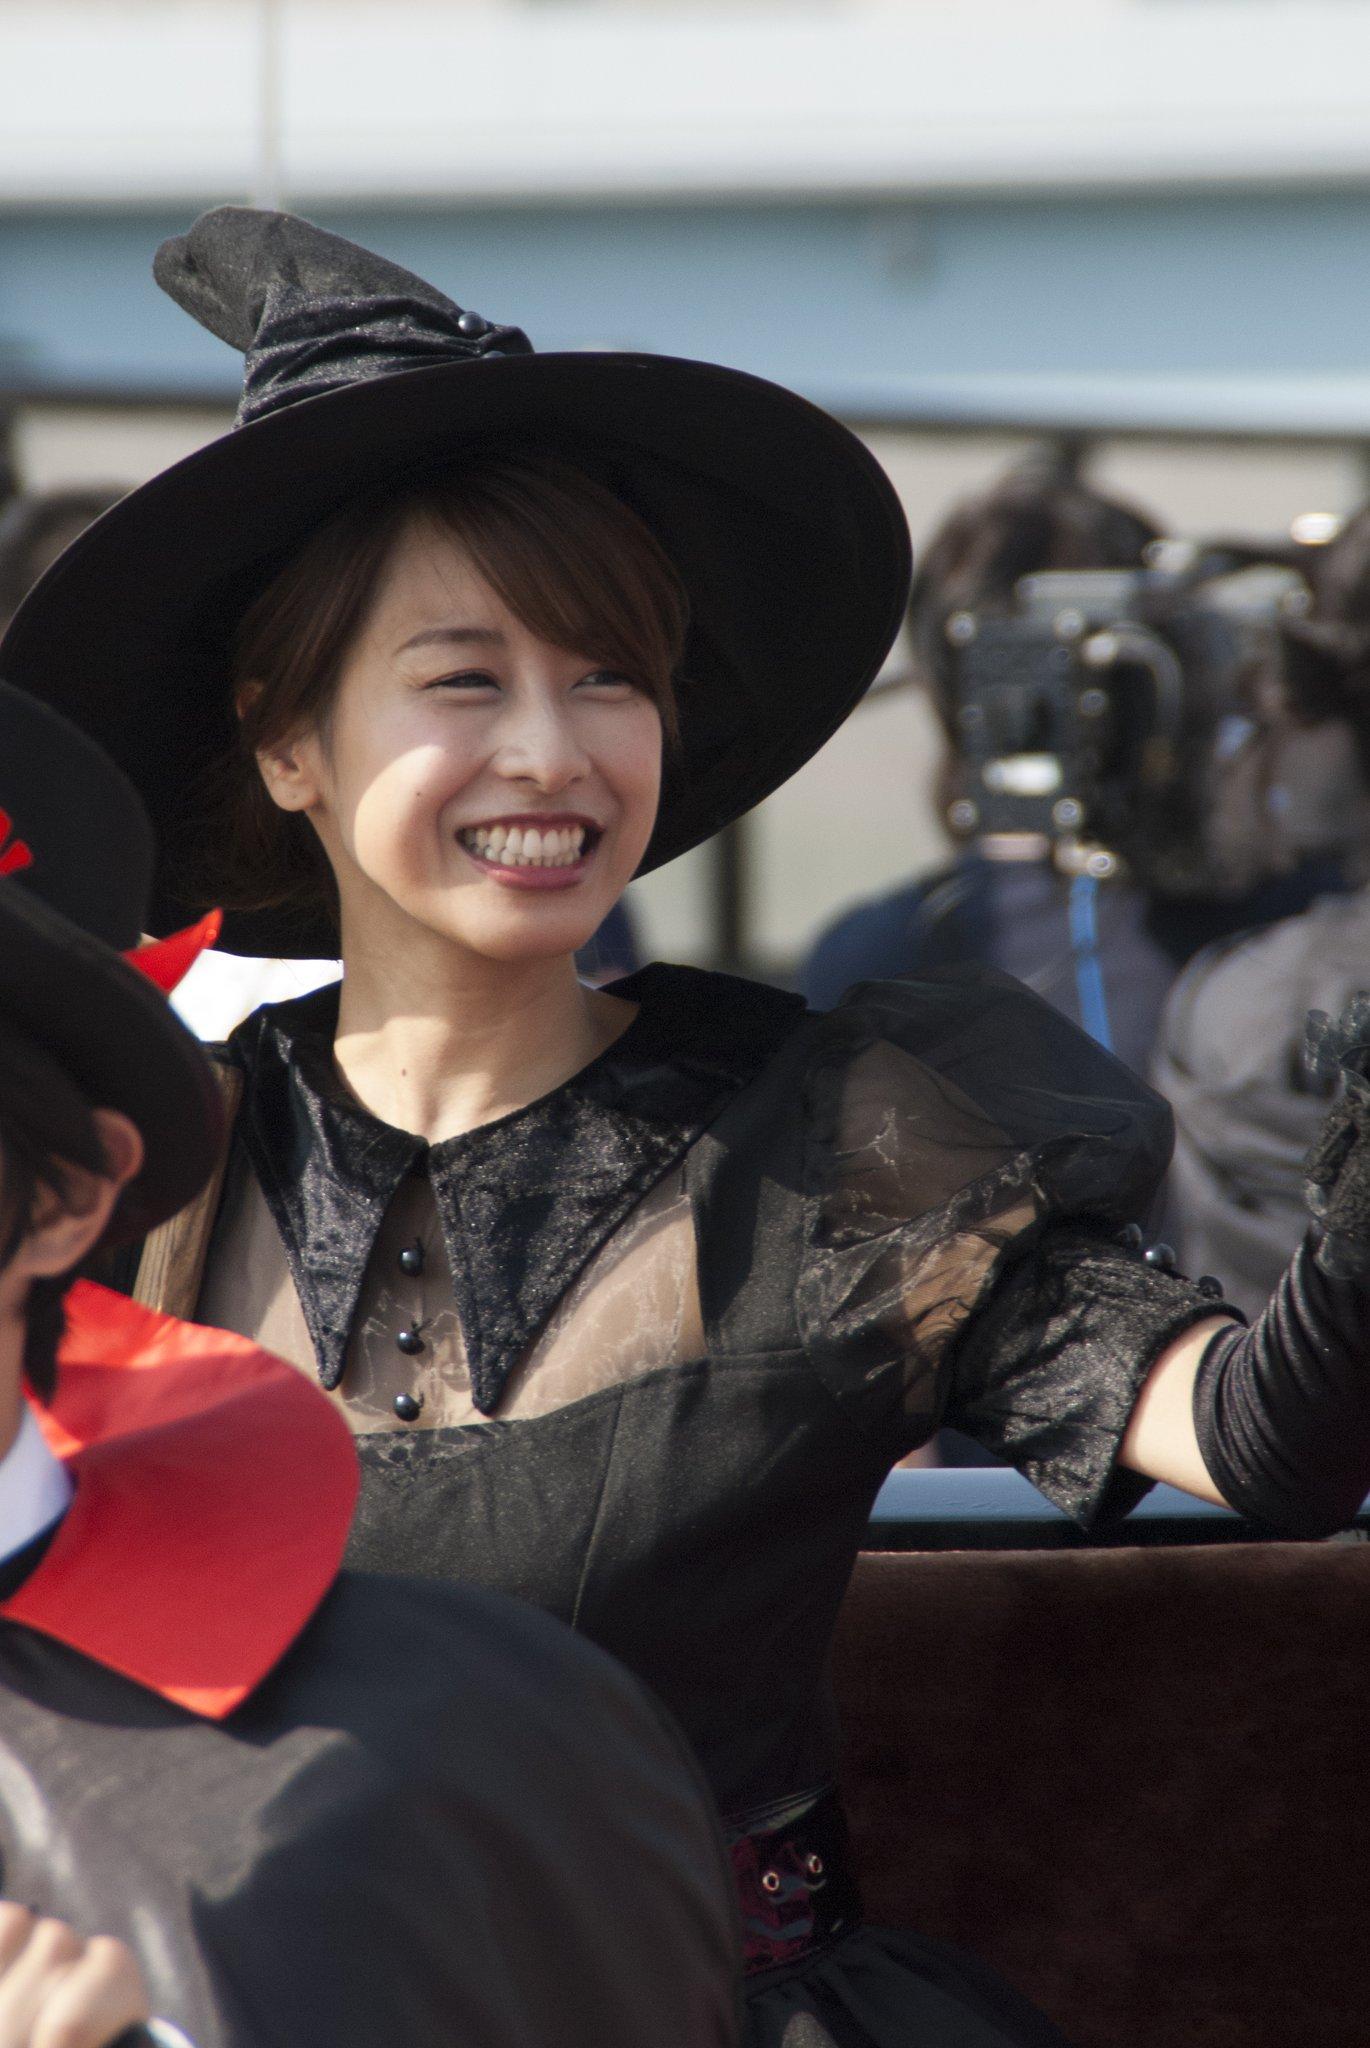 加藤綾子アナ 色っぽいハロウィンパレードの高画質ショットが次々とネットにUPされてるwwwwwwwwwwwwww